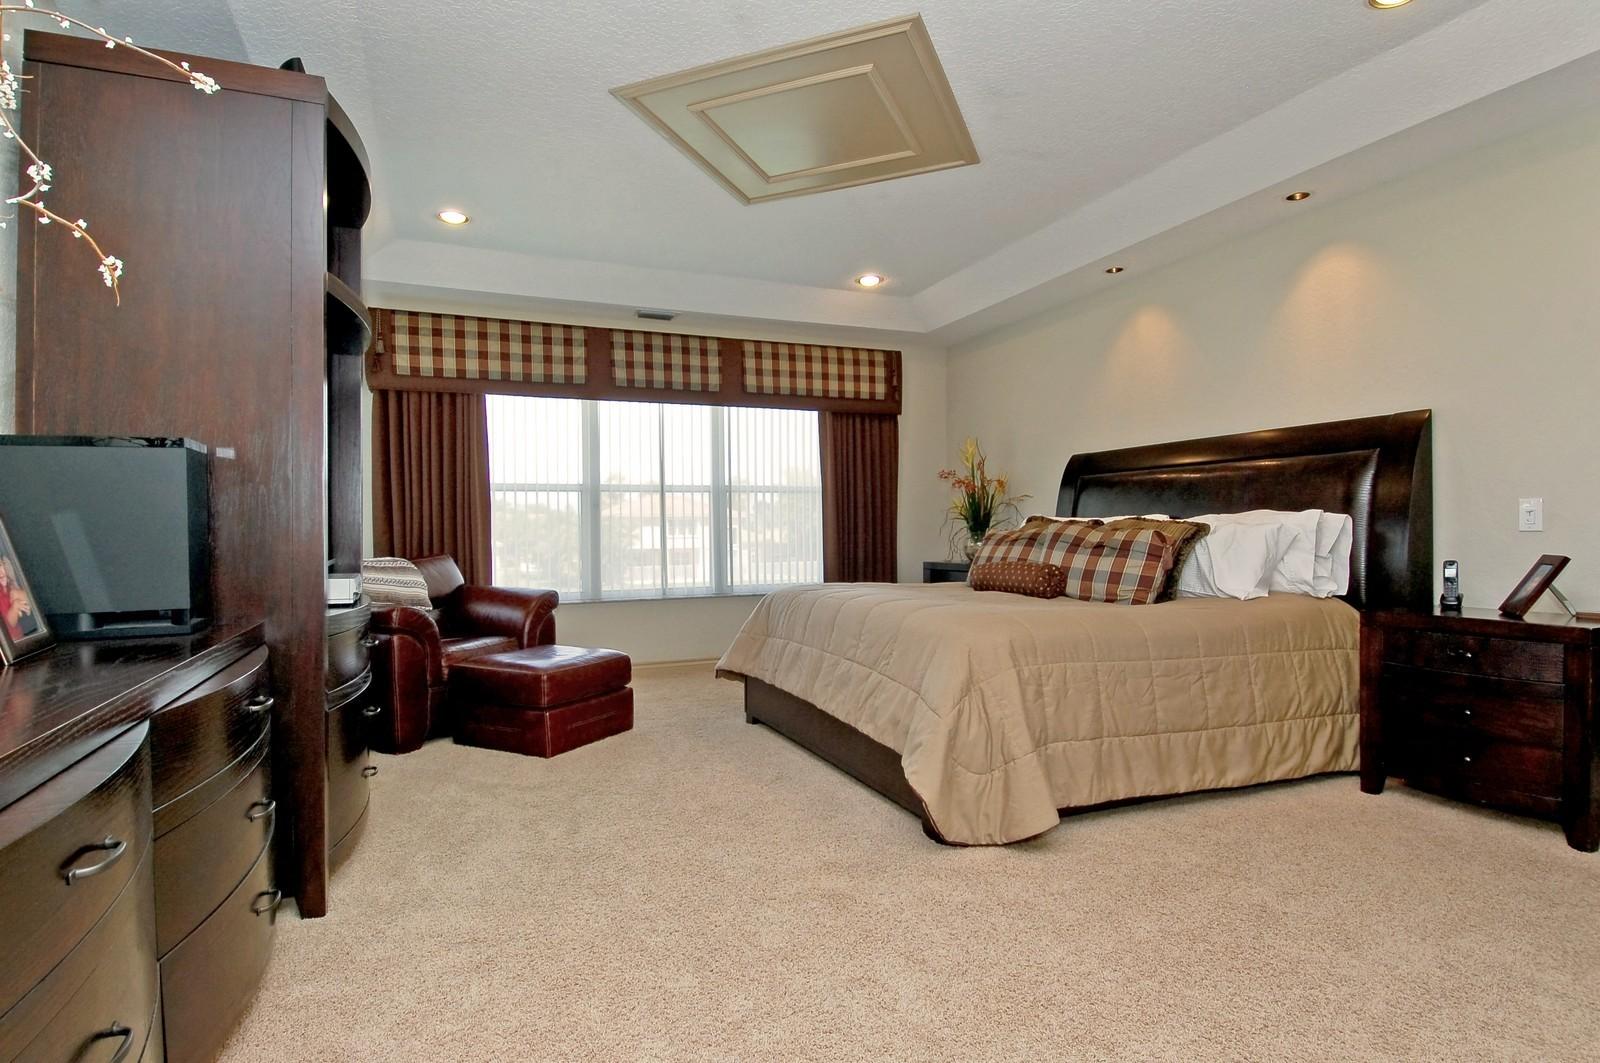 Real Estate Photography - 11308 Sea Grass Cir, Boca Raton, FL, 33498 - Master Bedroom